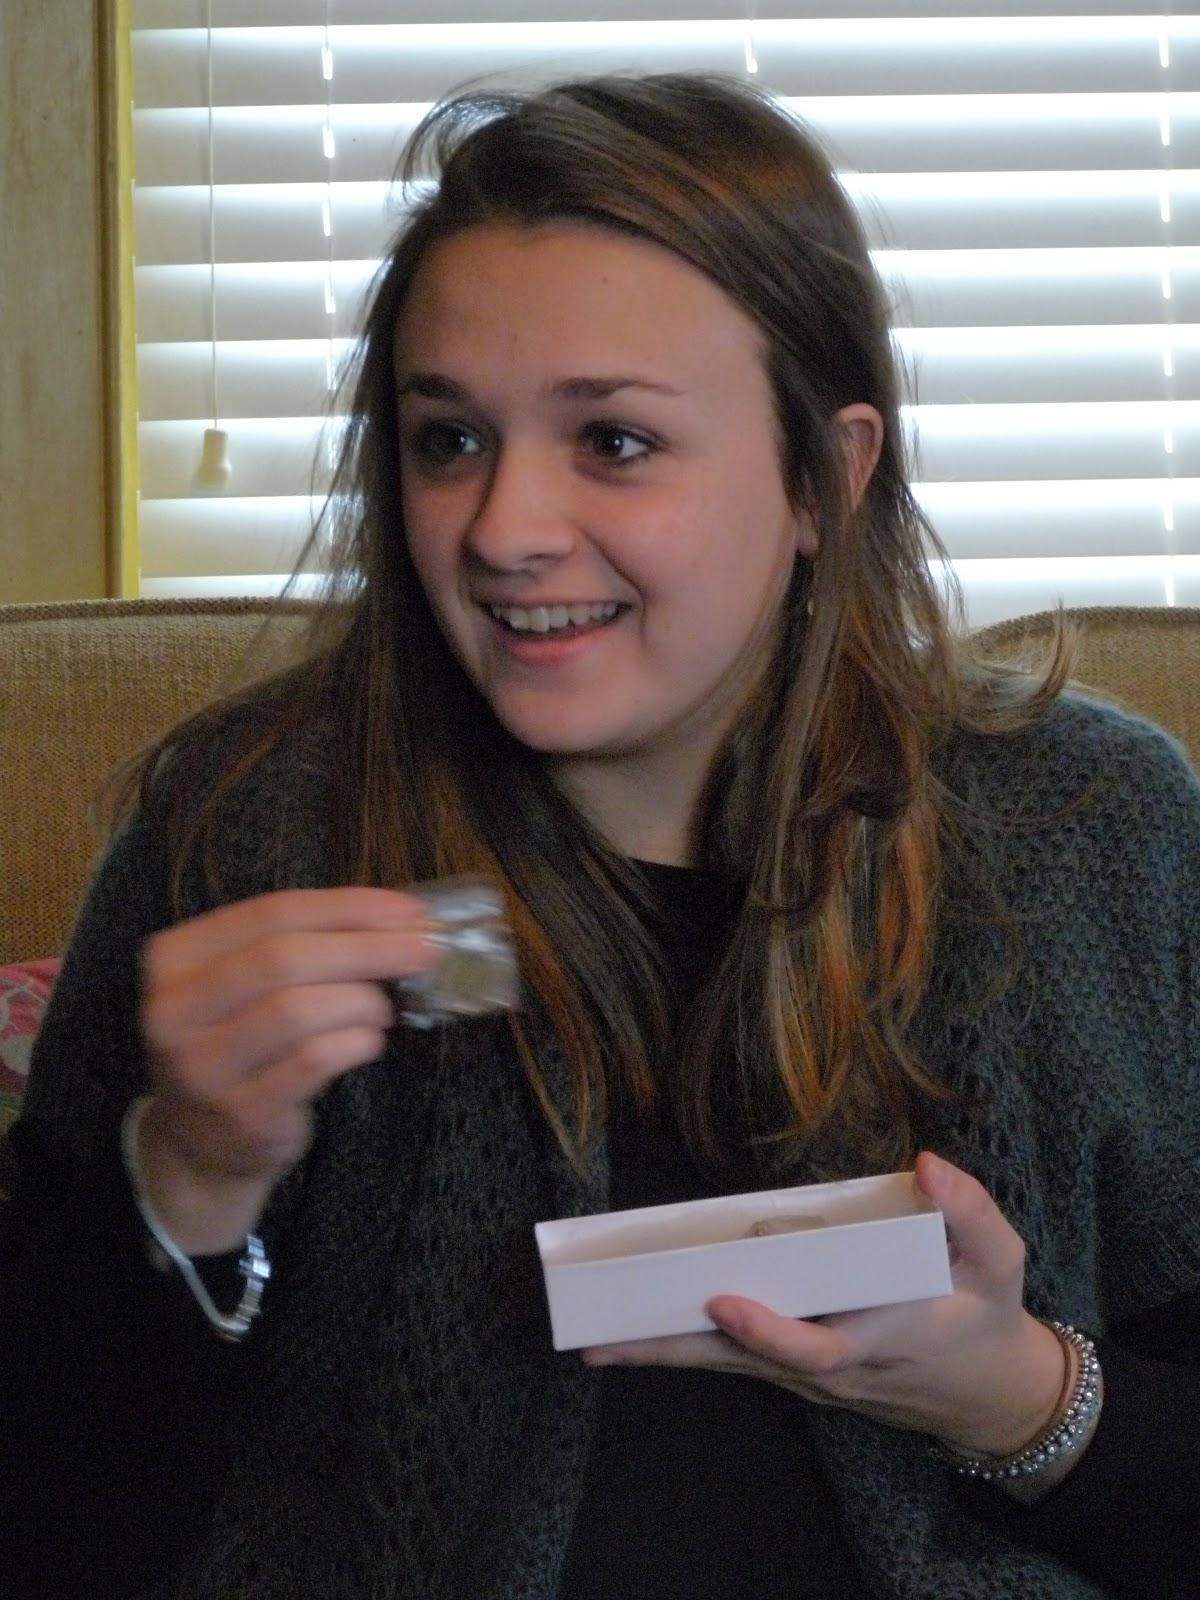 Русскую студентку подарили на день рождения смотреть онлайн 9 фотография